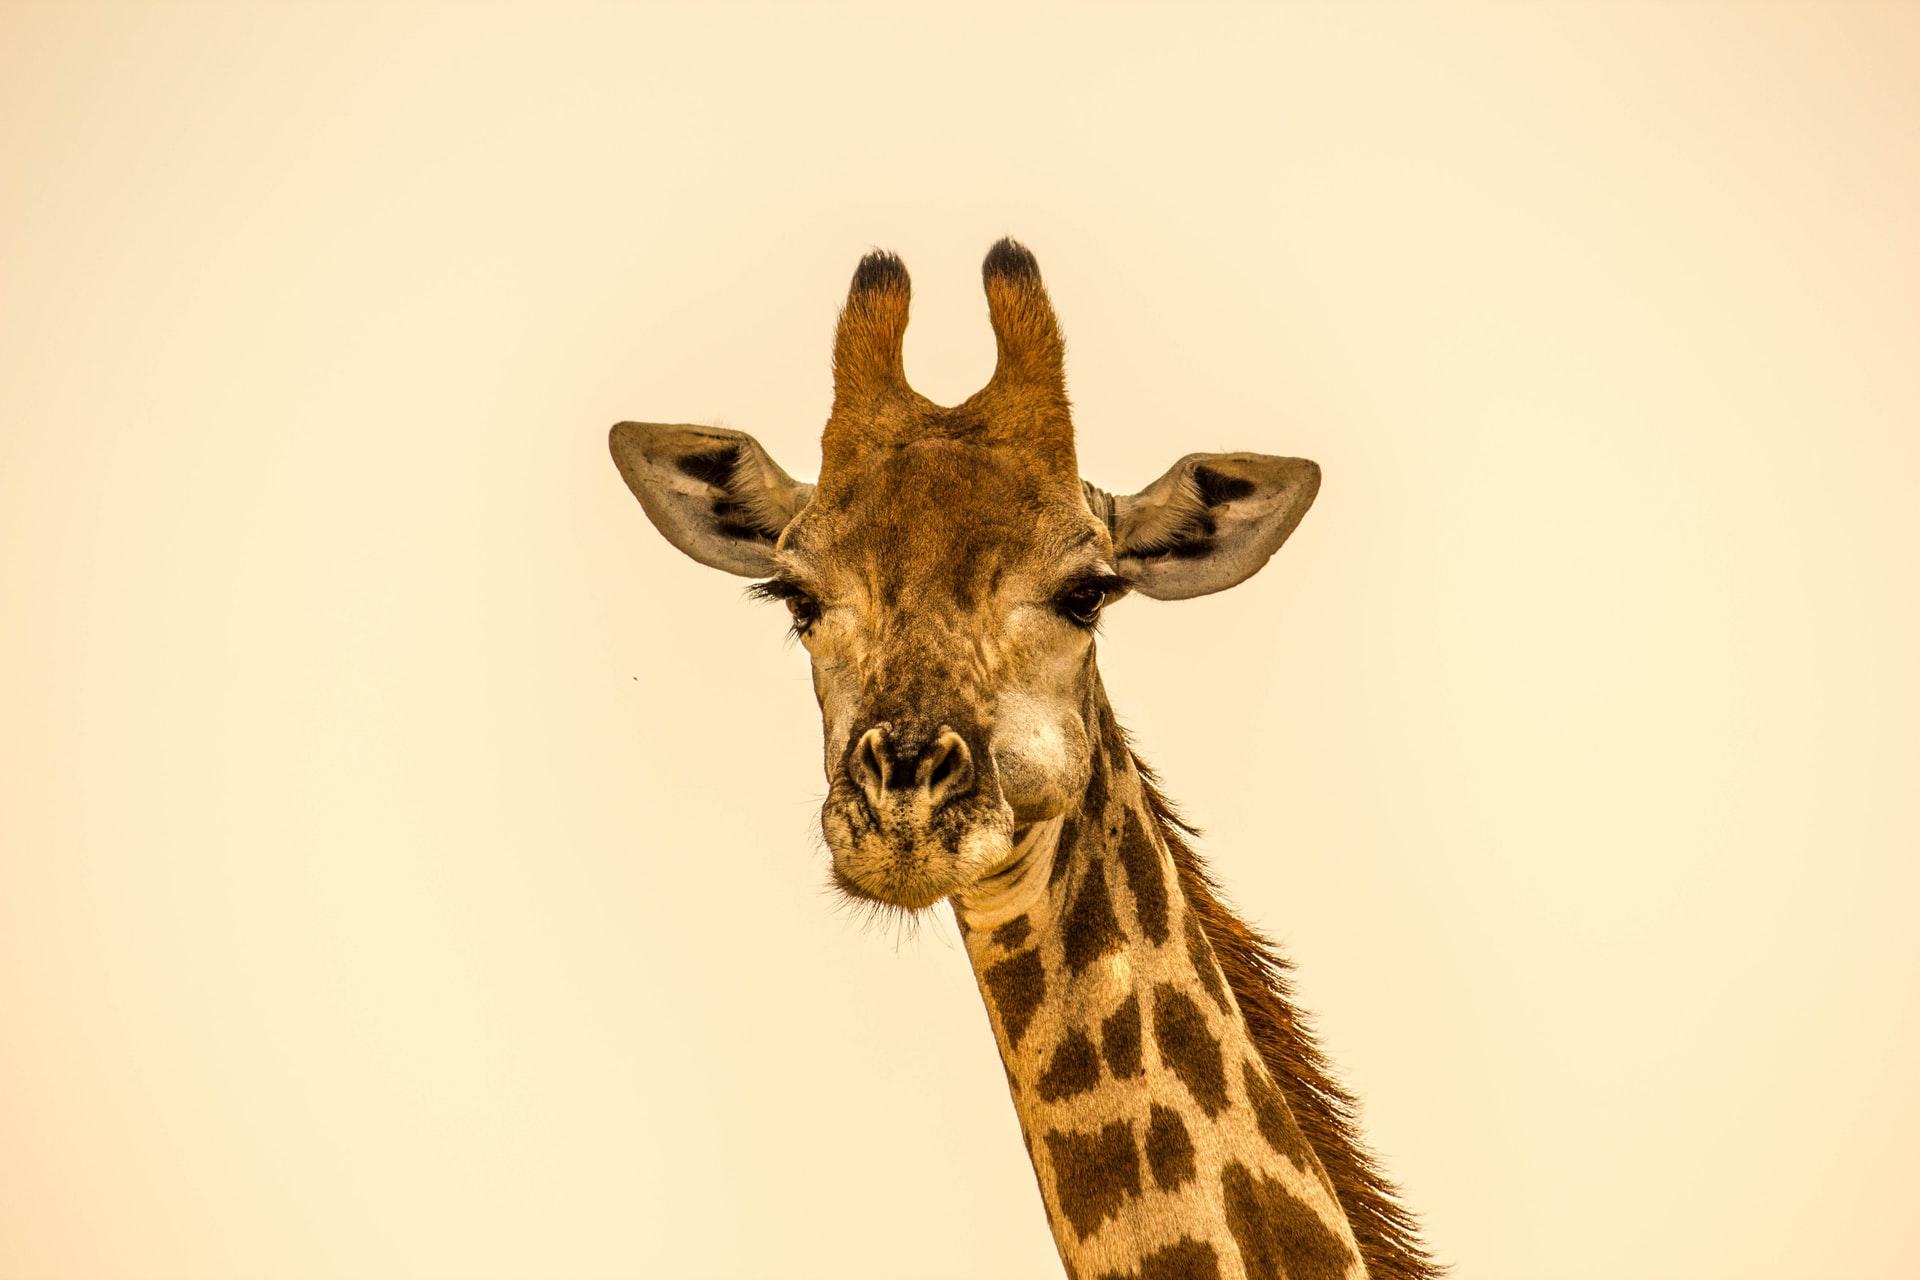 A altura das girafas, ainda mais com esses ossinhos no topo da cabeça, pode atrair os raios em campos abertos (Fonte: Unsplash)